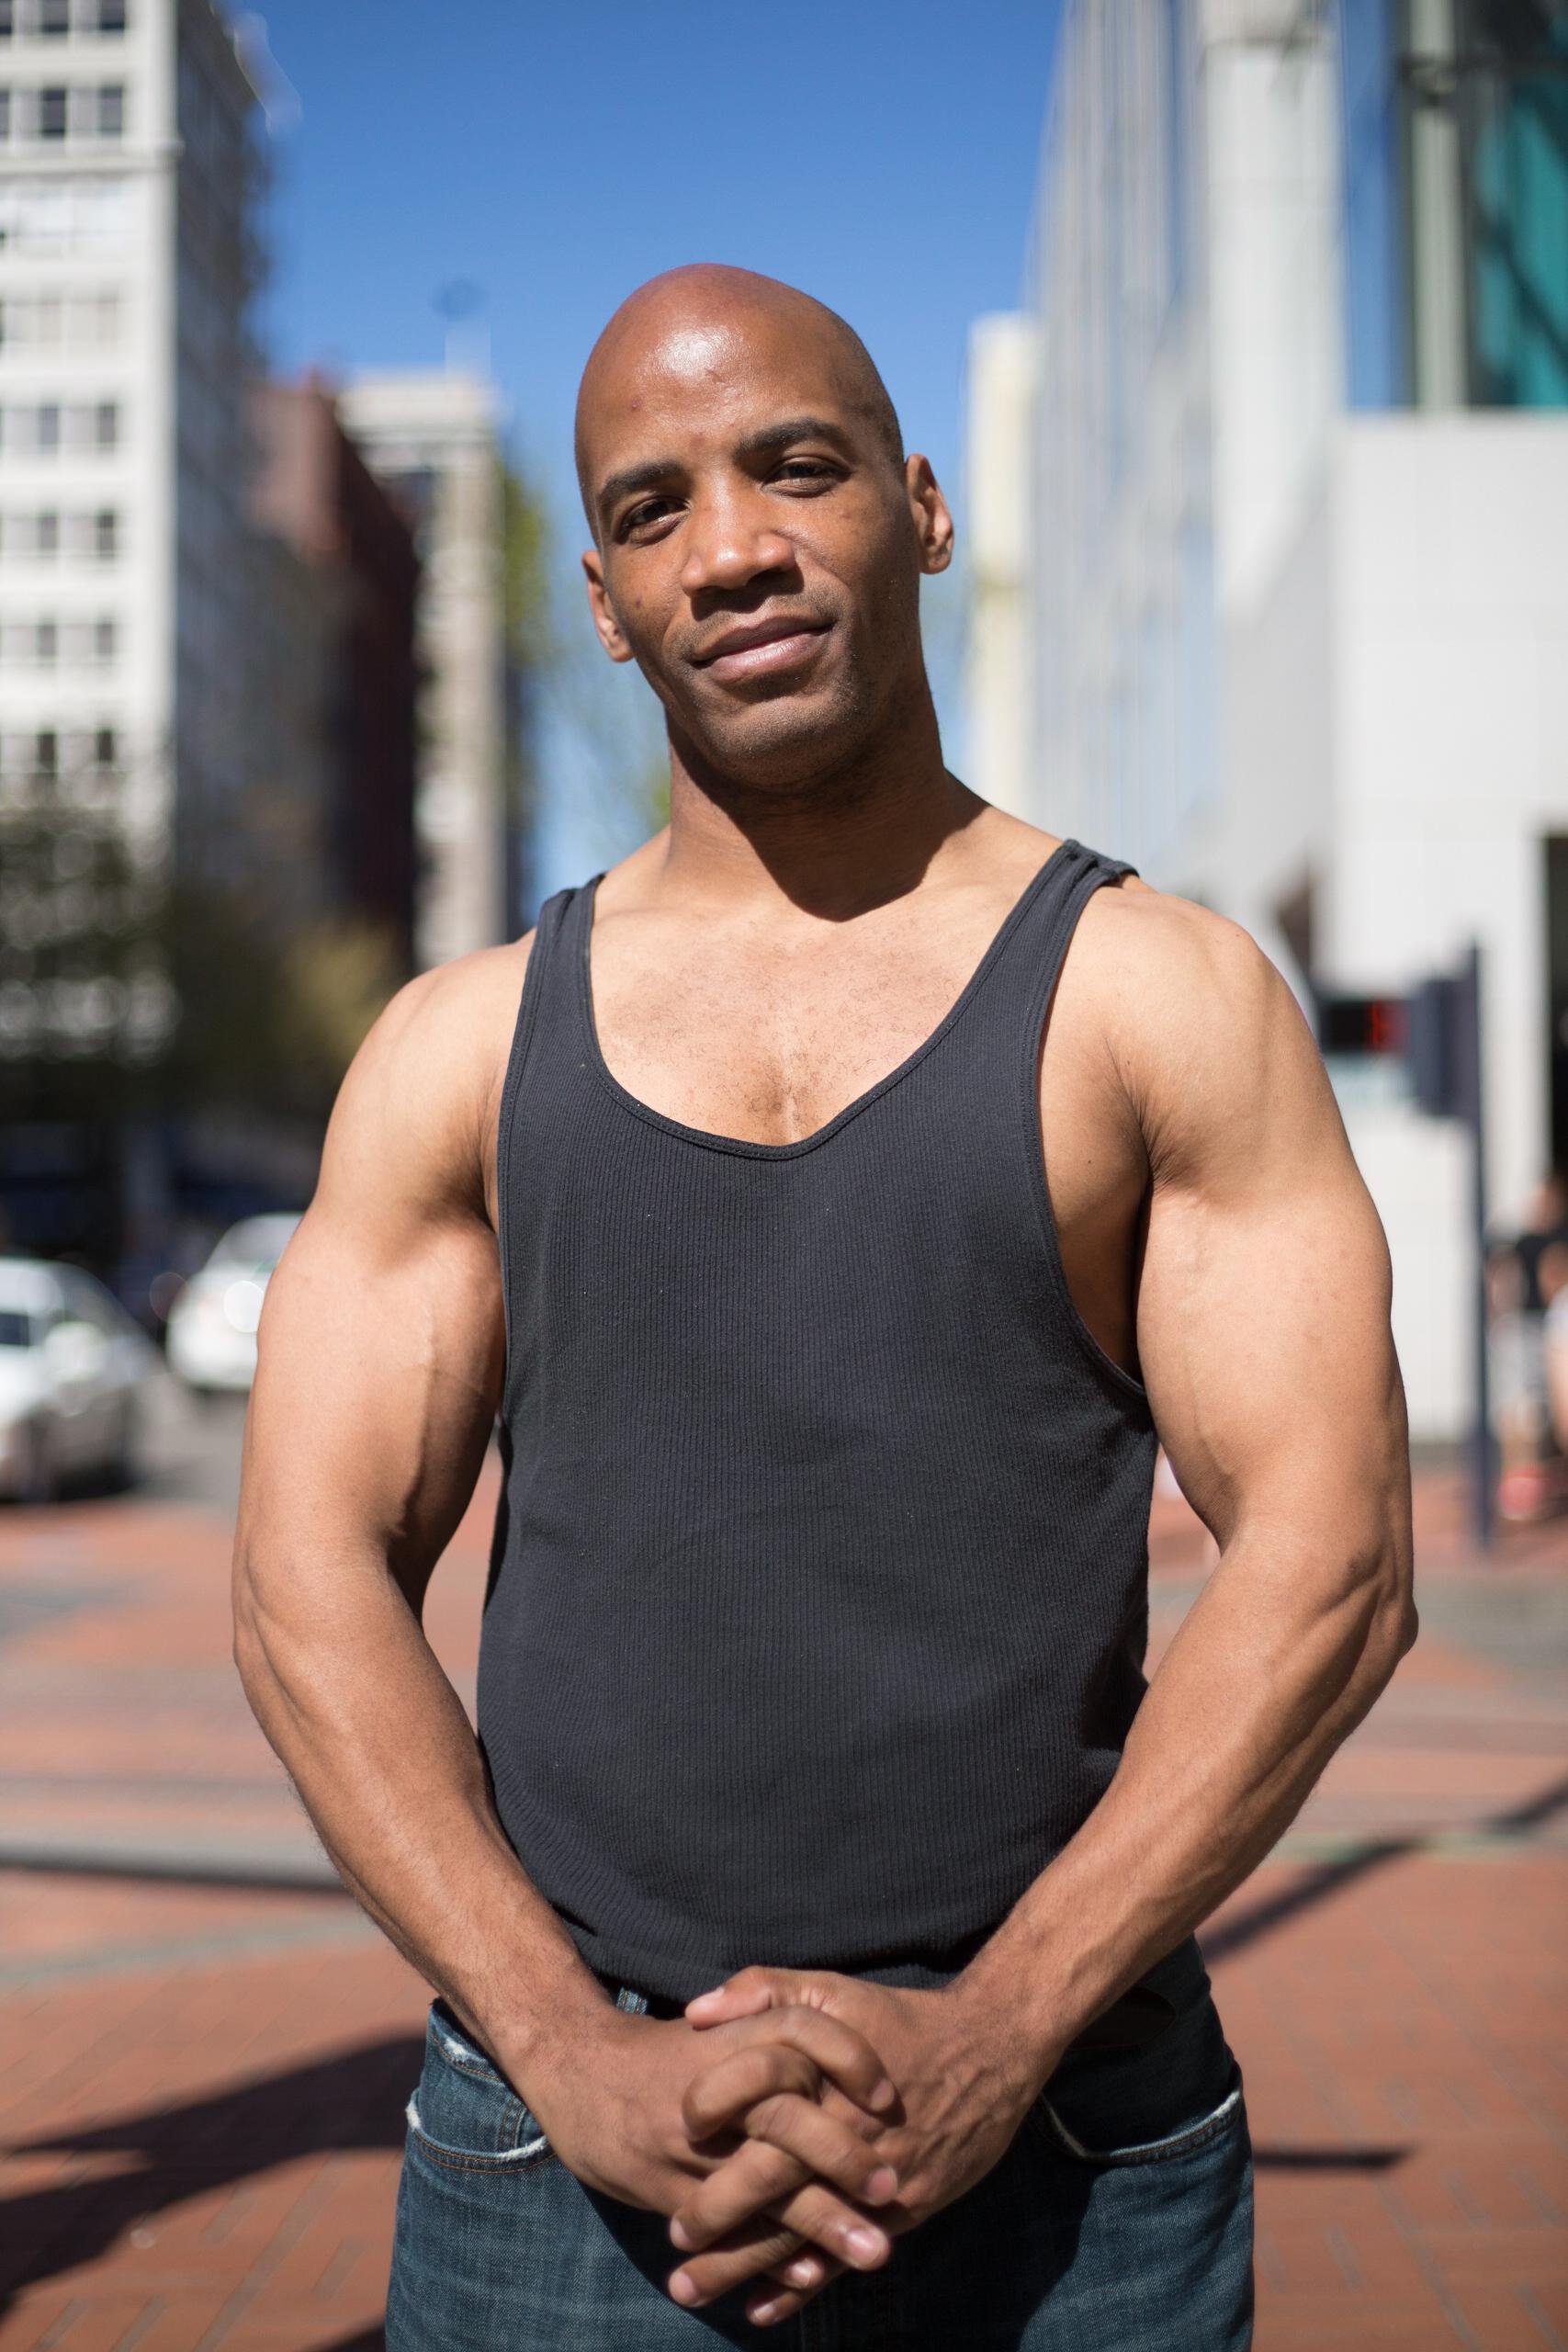 Downtown_Black_Portlanders.JPG